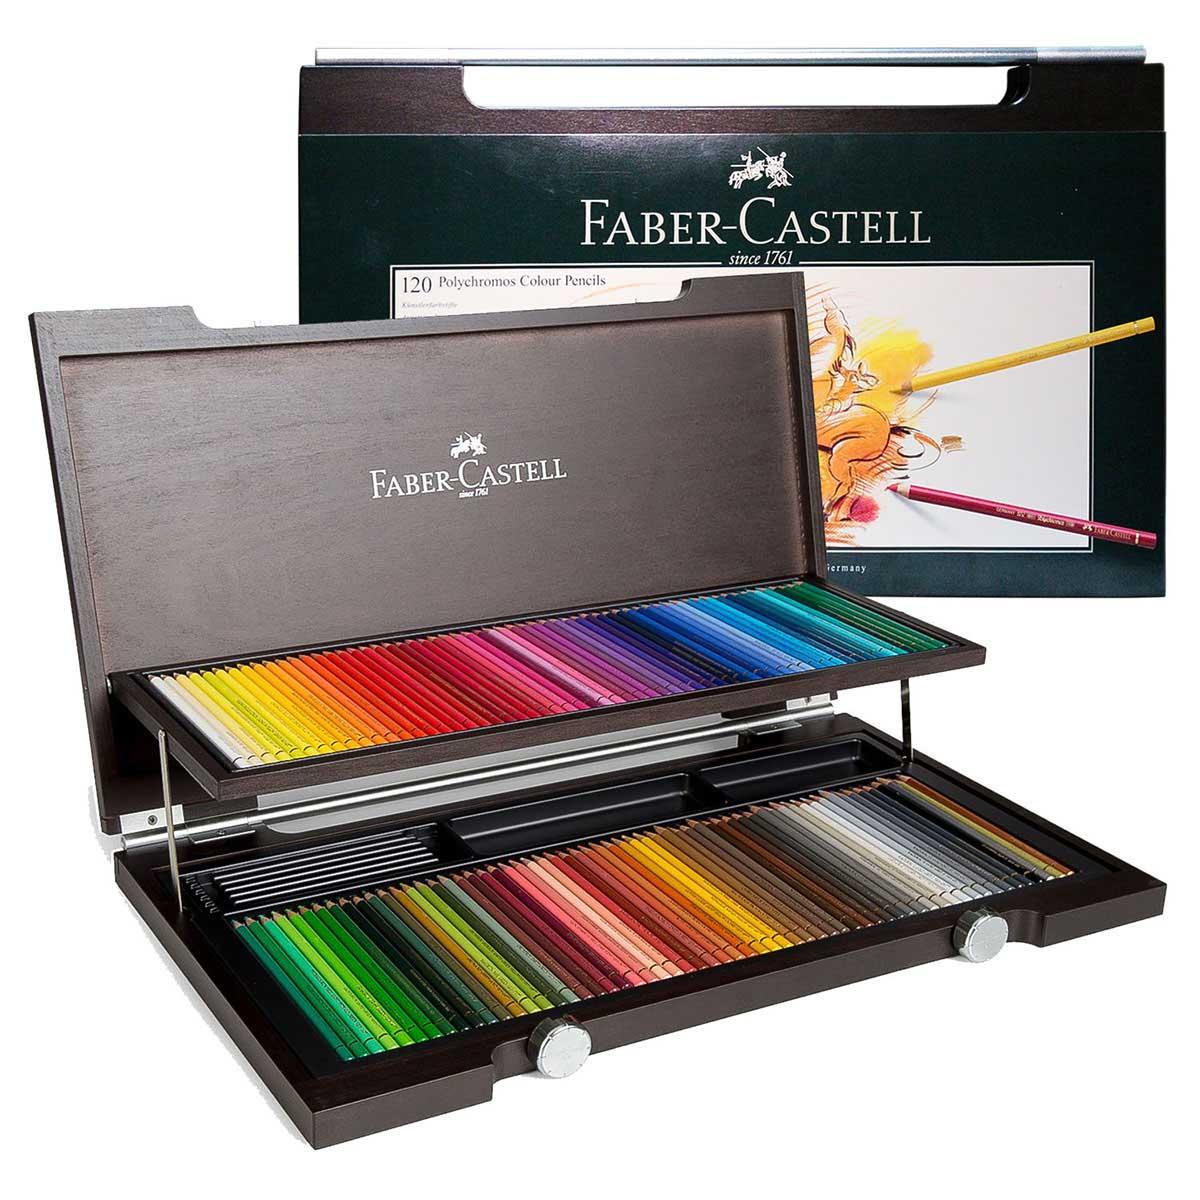 پلی کروم 120 رنگ جعبه چوبی فابرکاستل